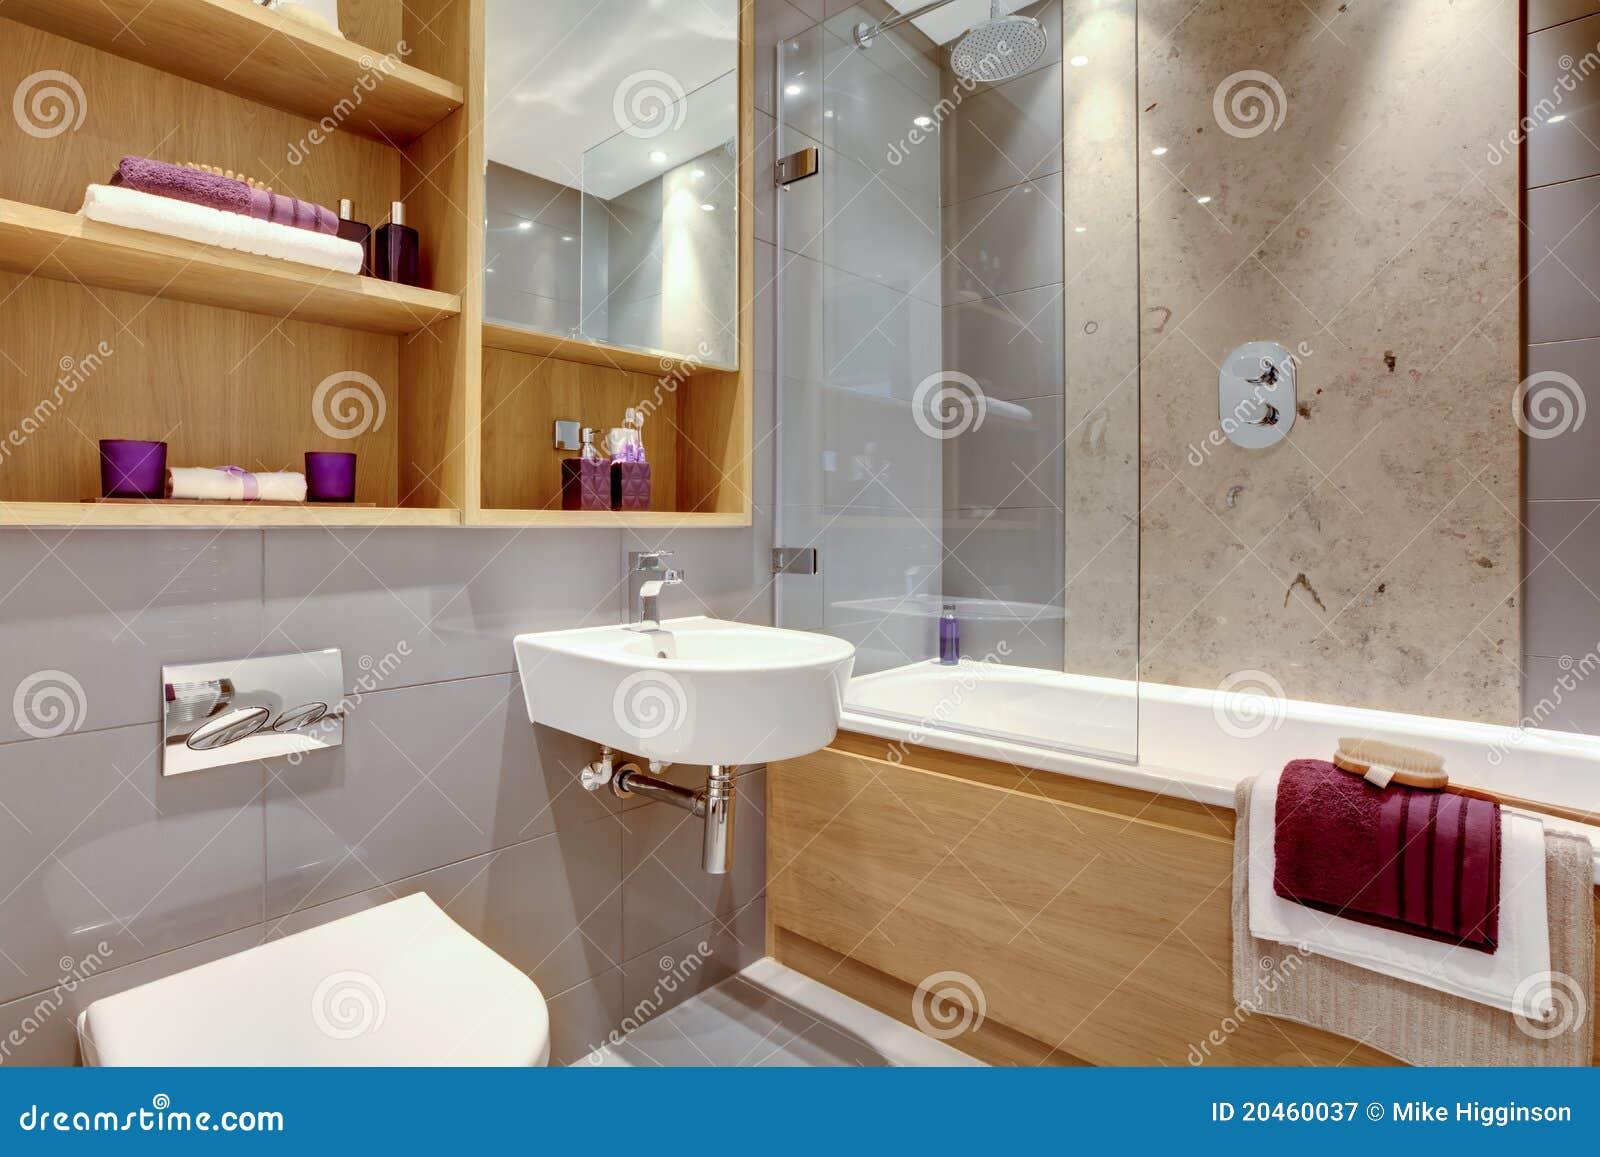 Bagni di lusso prezzi design casa creativa e mobili ispiratori - Bagni di lusso moderni ...